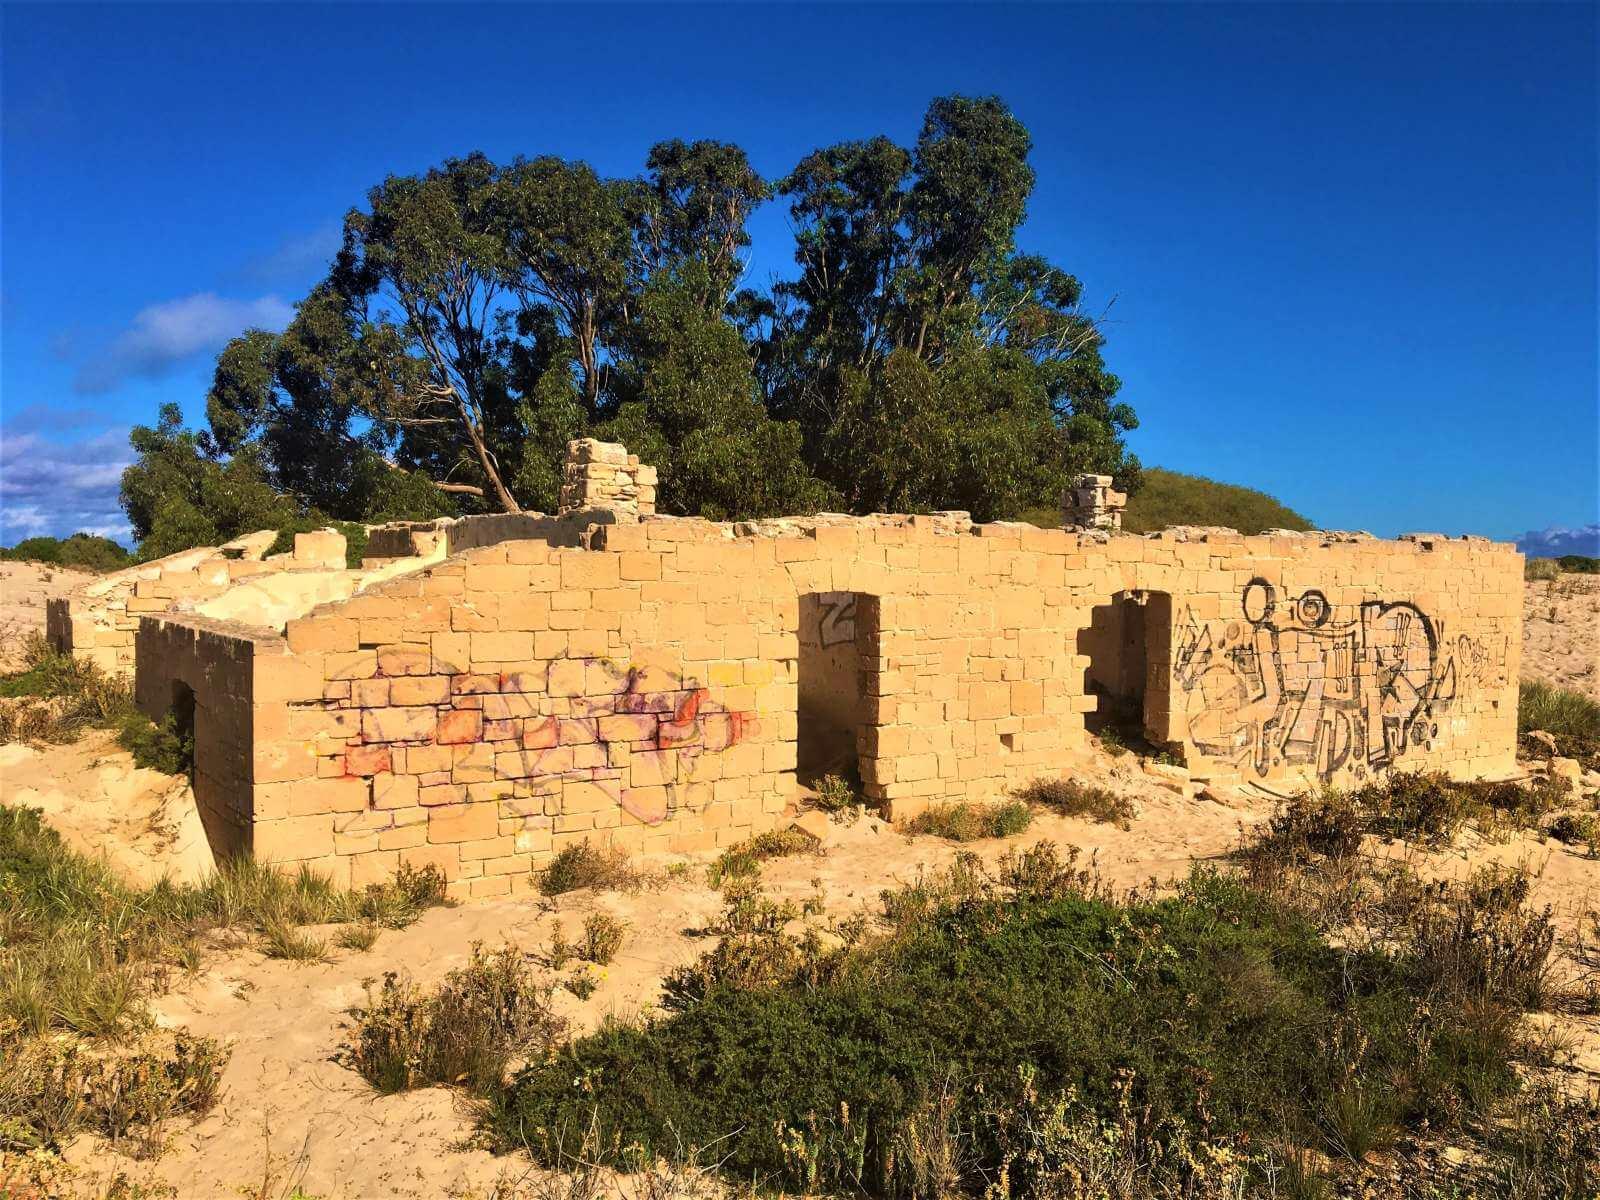 Ruine in Wüstenlandschaft von Australien